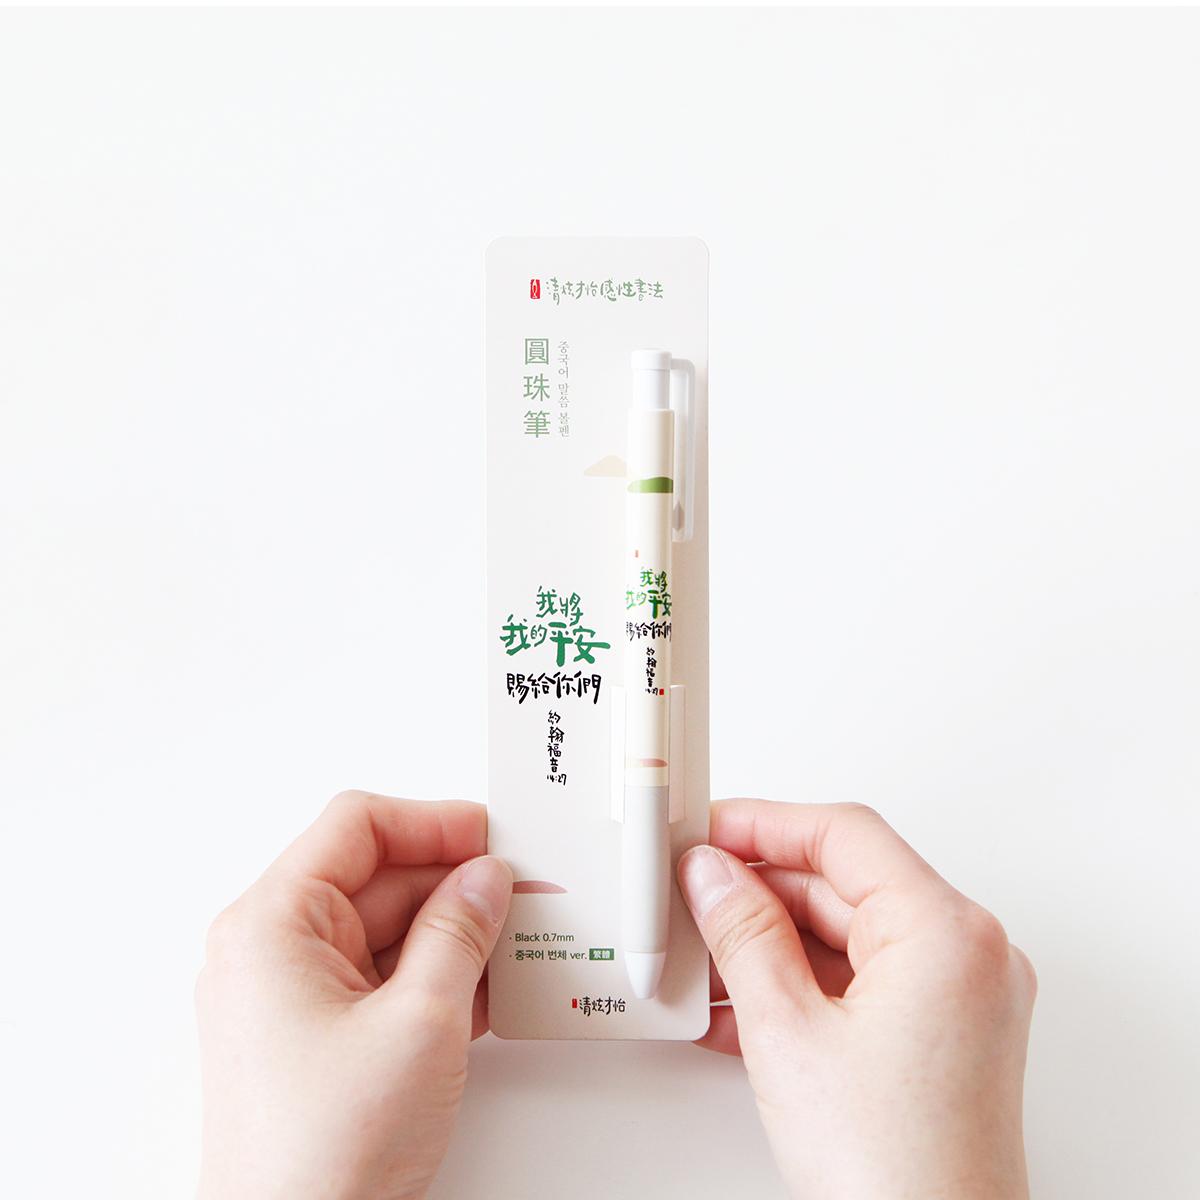 感性書法圓珠筆(約翰福音14:27)-清炫才怡